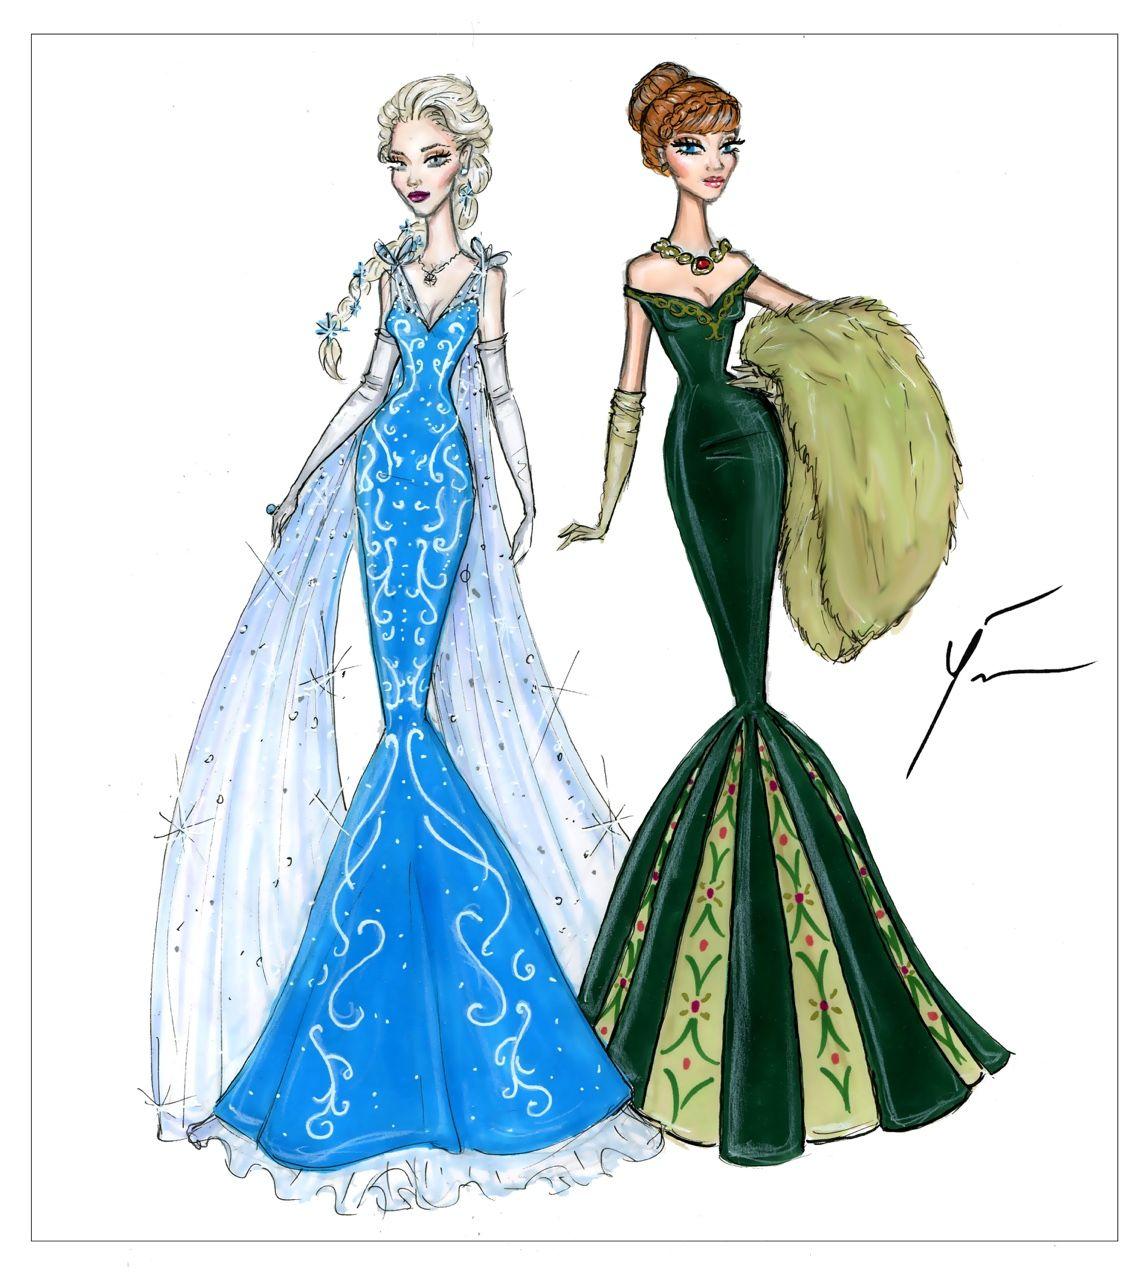 disney princess fashion sketch wwwpixsharkcom images